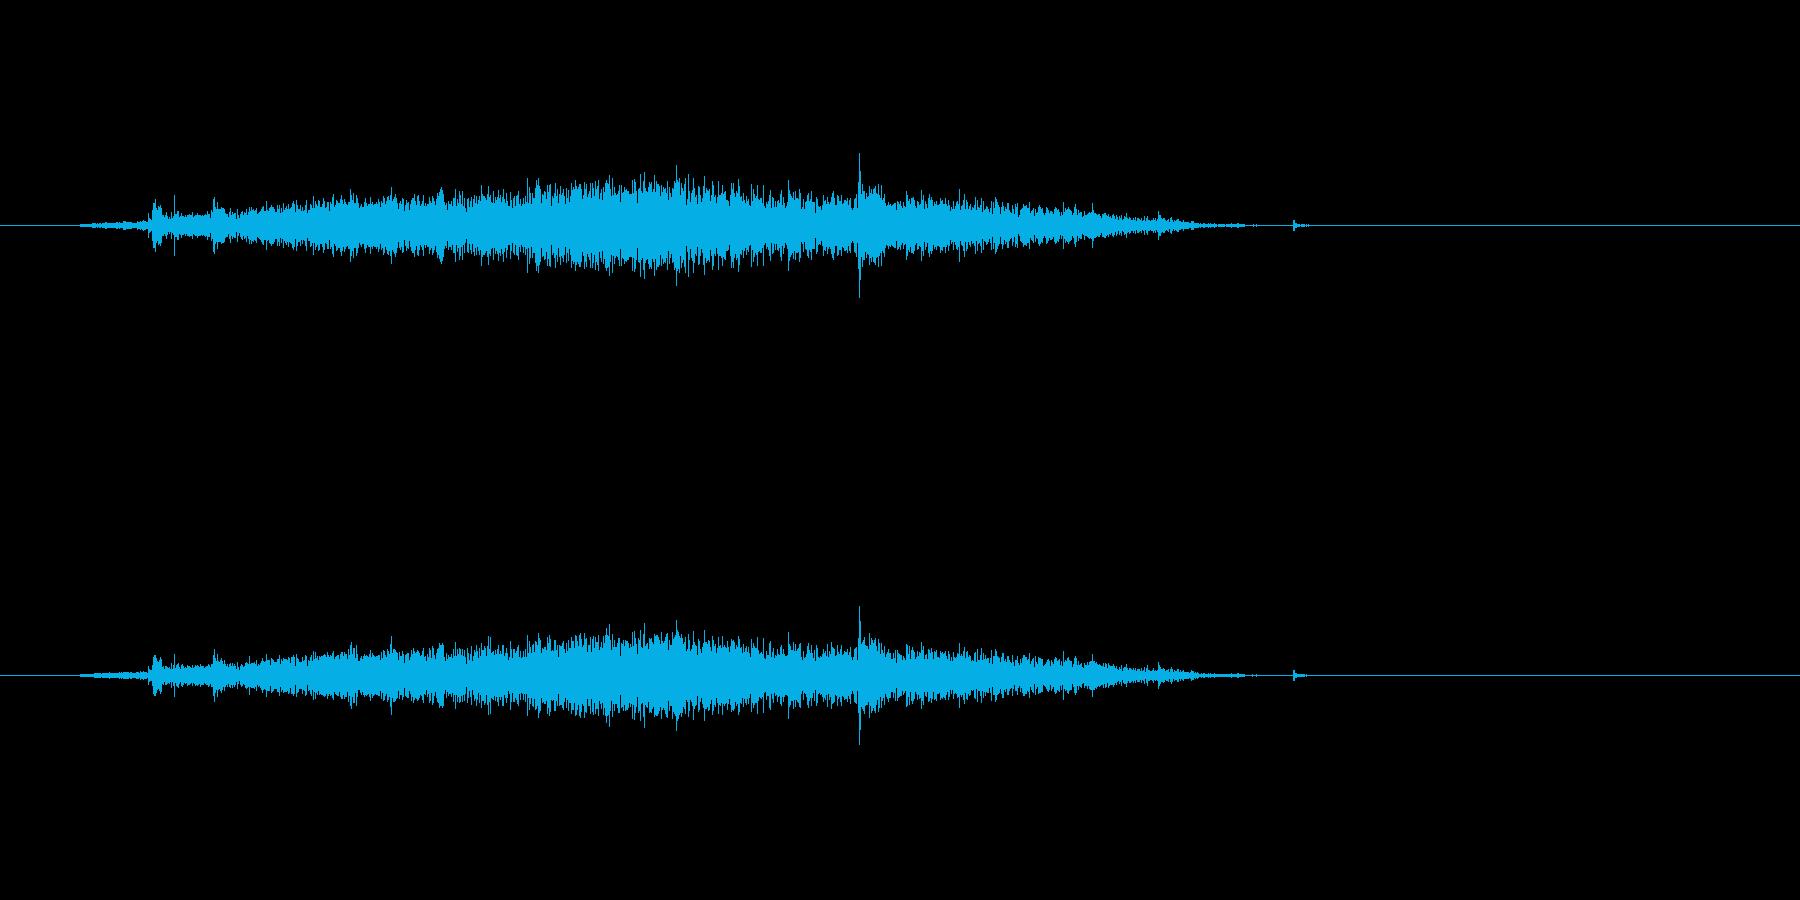 【カーテン01-4】の再生済みの波形